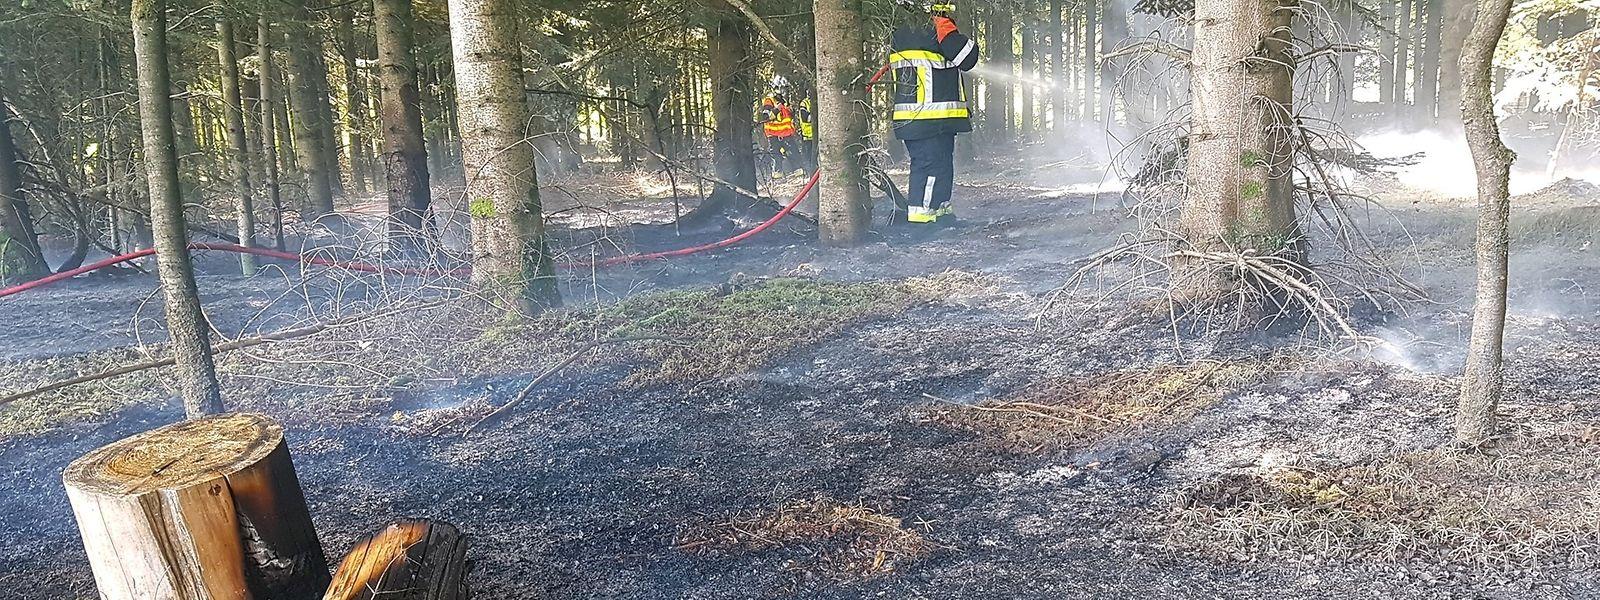 Bereits am Dienstag hatte es in einem Waldstück in Brouch gebrannt.